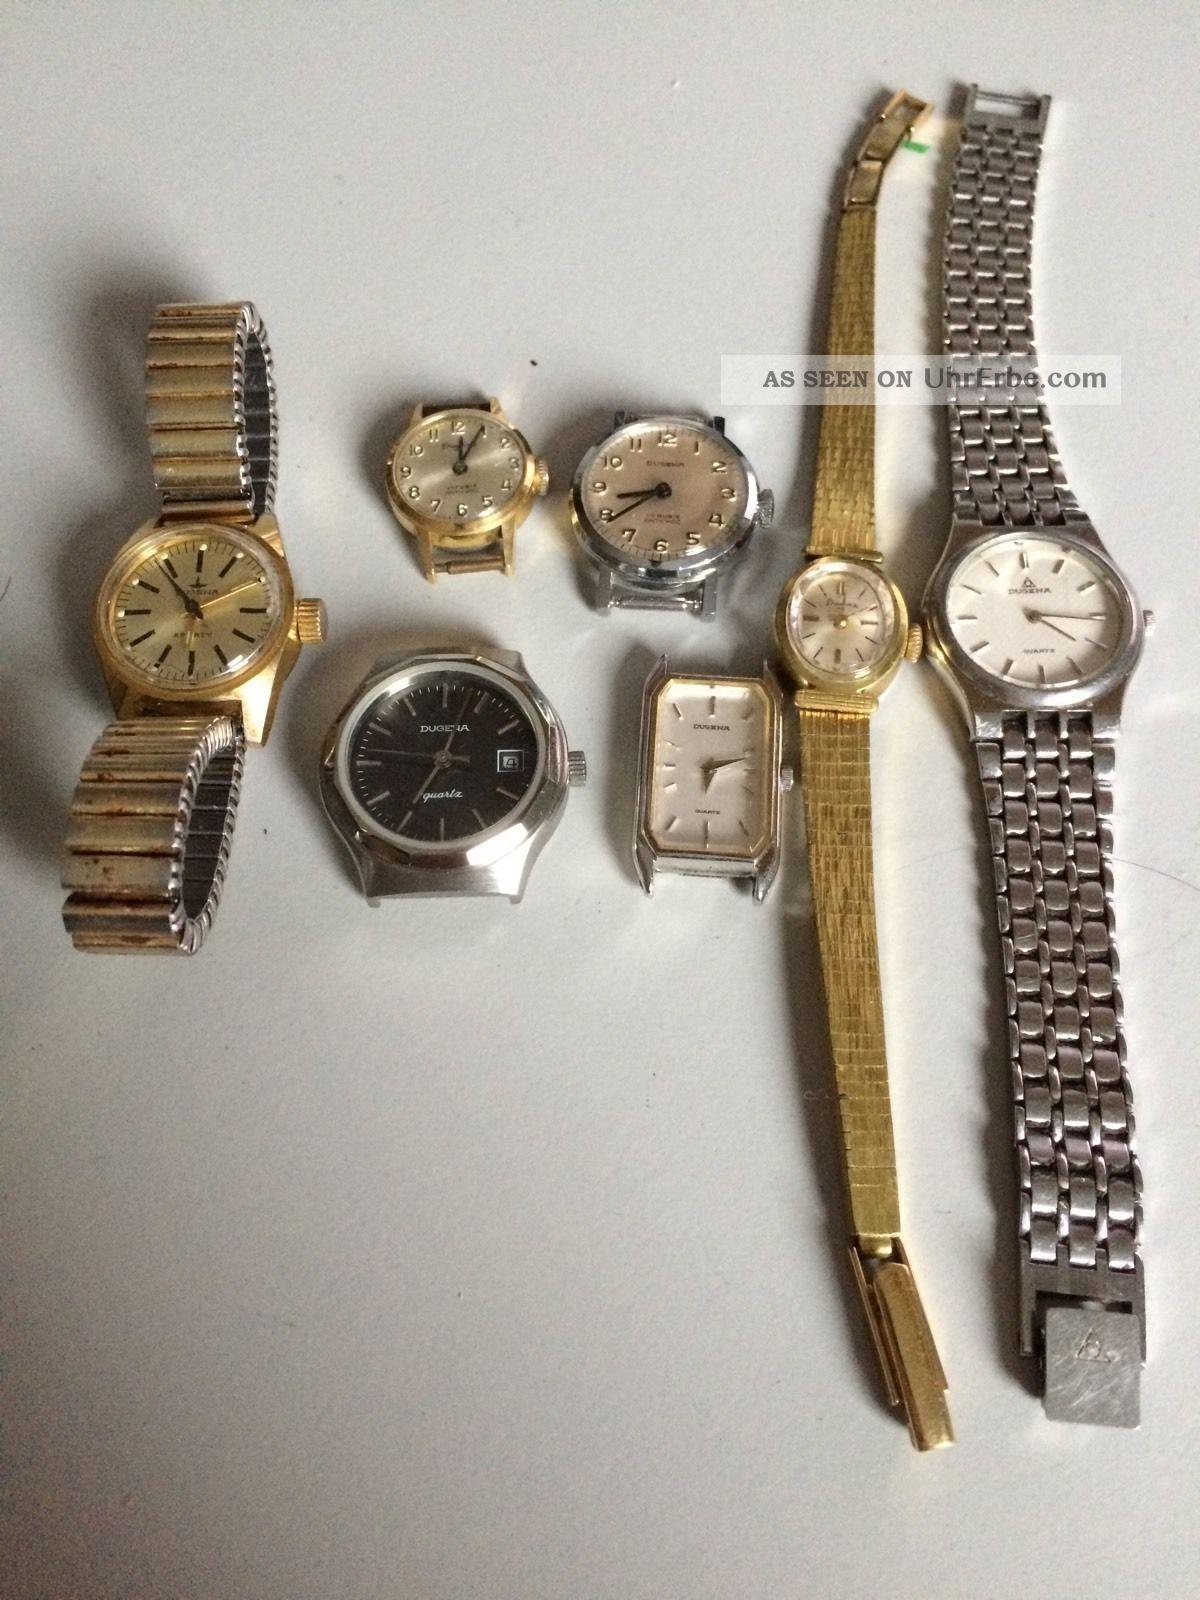 Dugena - Konvolut Von 7 Armbanduhren - Damenuhren - Quartz Und Mechanisch Armbanduhren Bild